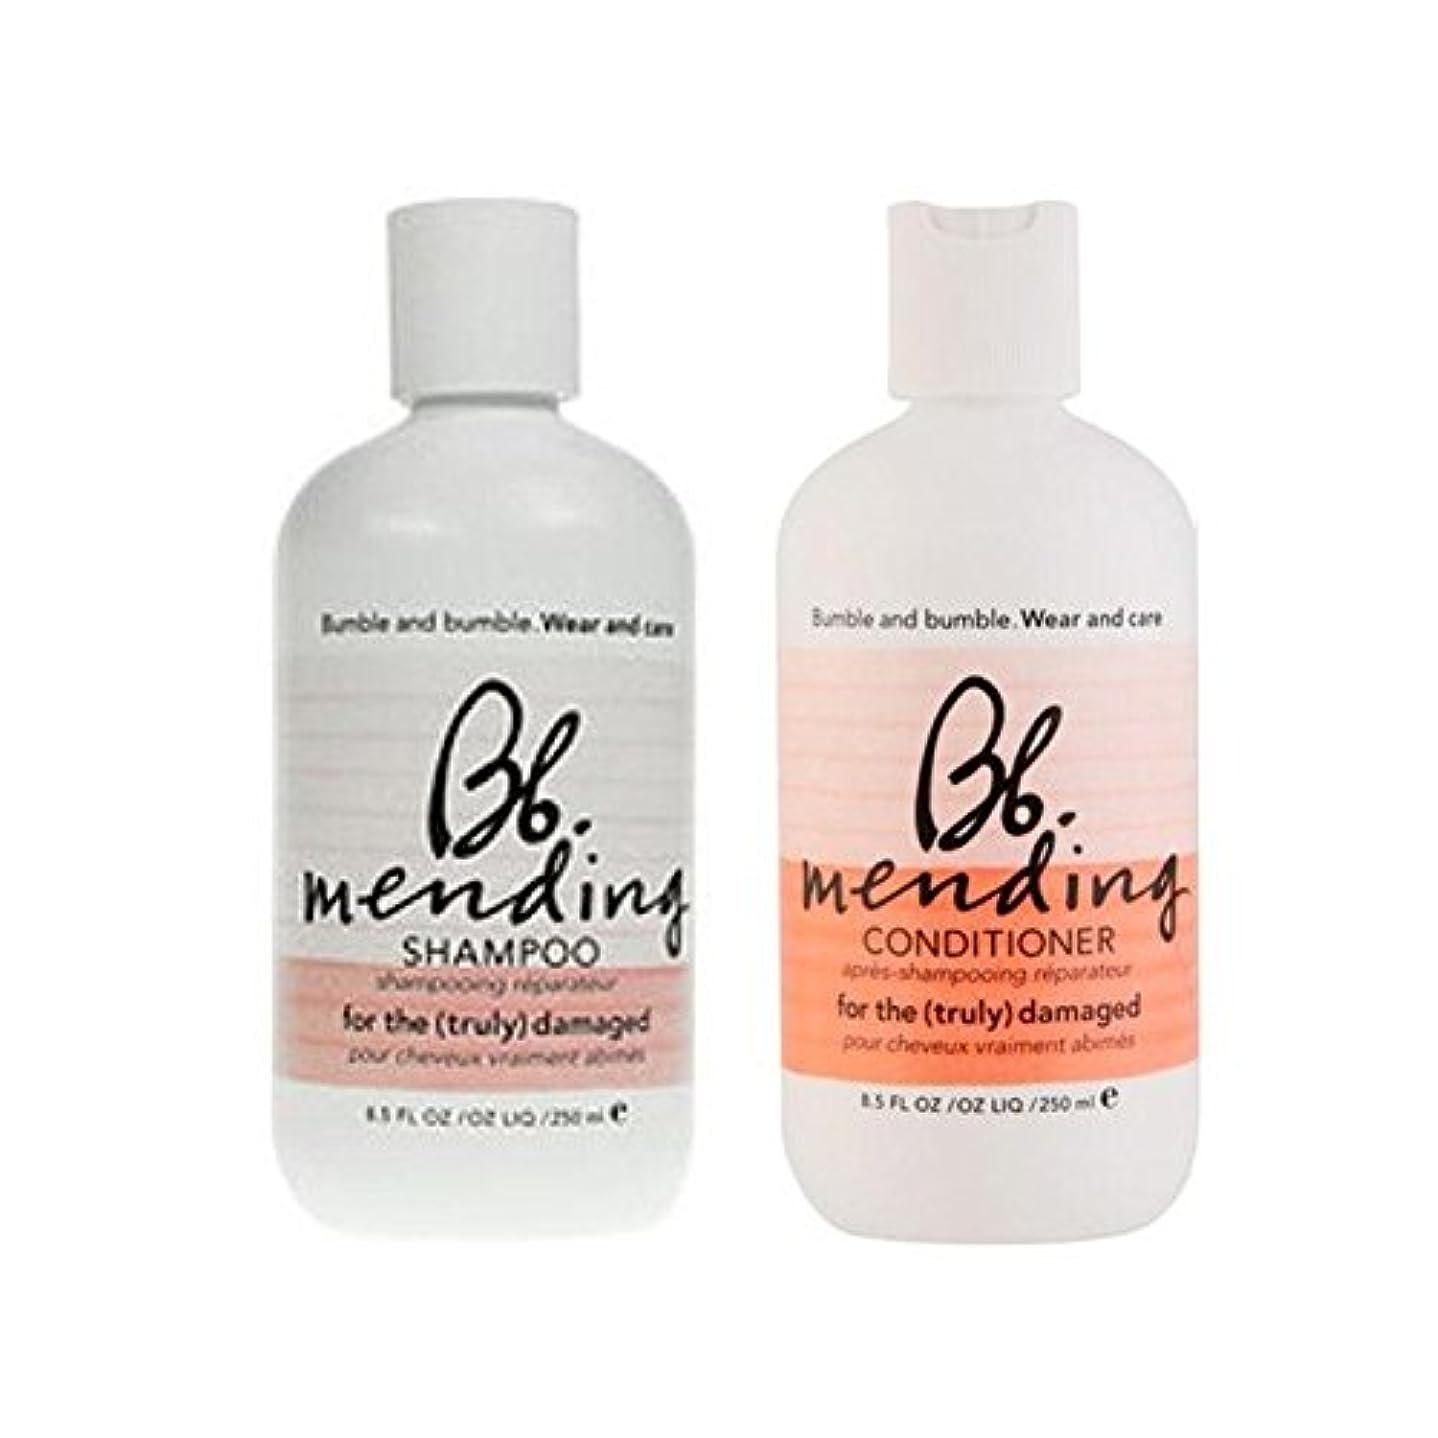 尾教え冷凍庫Bb Wear And Care Mending Duo- Shampoo And Conditioner (Pack of 6) - 着用し、-シャンプーとコンディショナーを補修ケア x6 [並行輸入品]